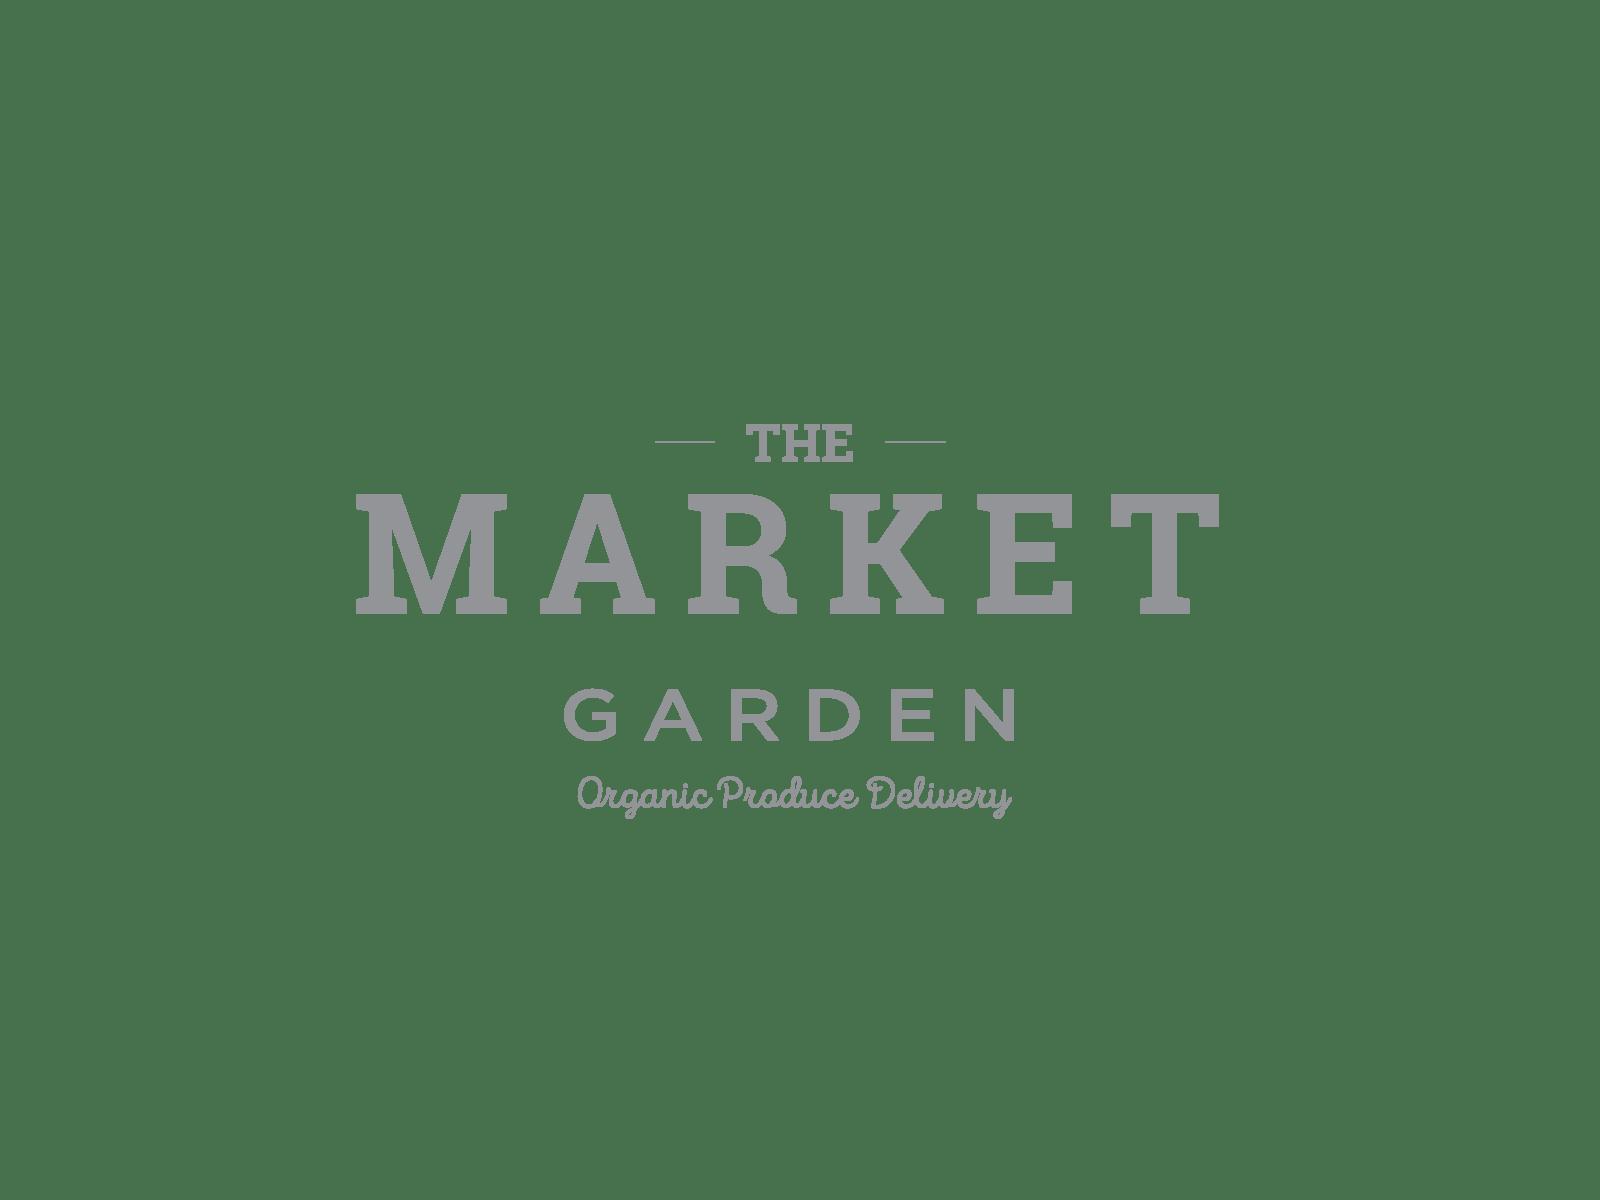 The Market Garden Logo Option